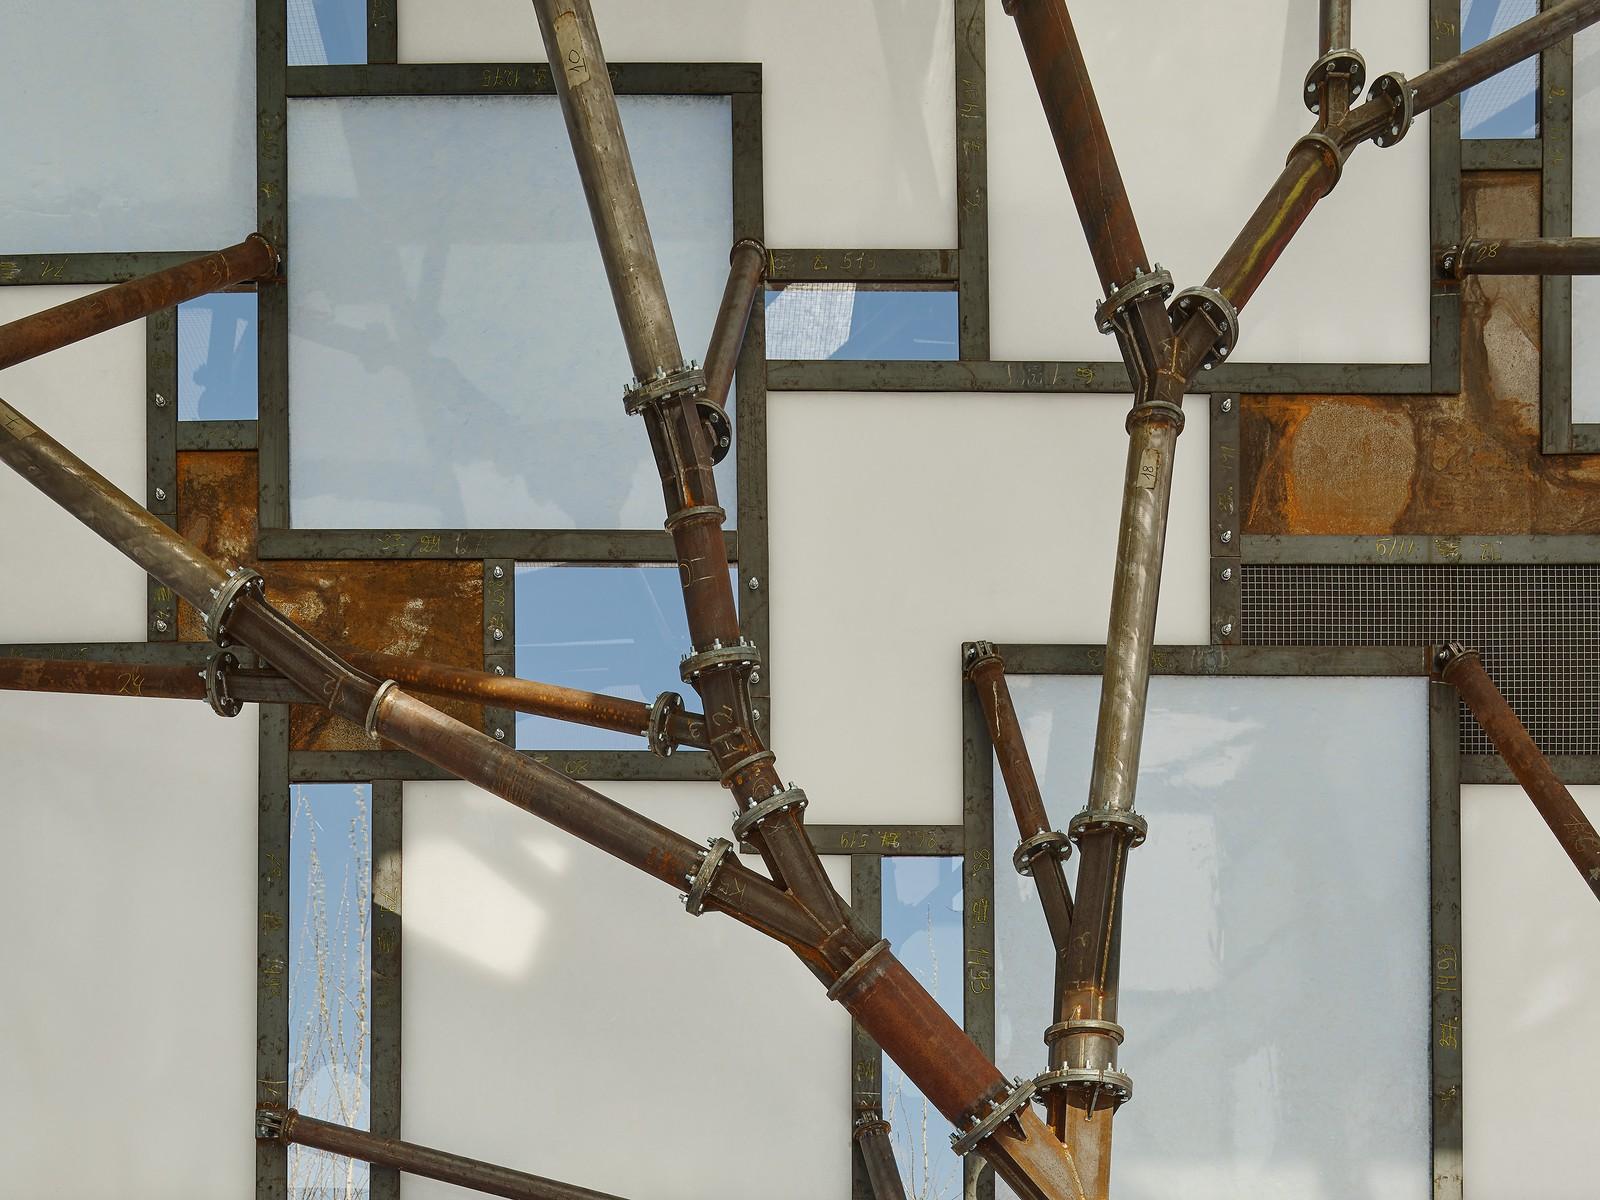 Beim Bau des Pavillons nutzte das Team verschiedene Stoffkreisläufe für Struktur, Fassade, Boden und Innenausstattung: Die tragende Struktur beispielsweise ist komplett aus Stahl gefertigt, der größtenteils aus einem zurückgebauten Kohlekraftwerk.